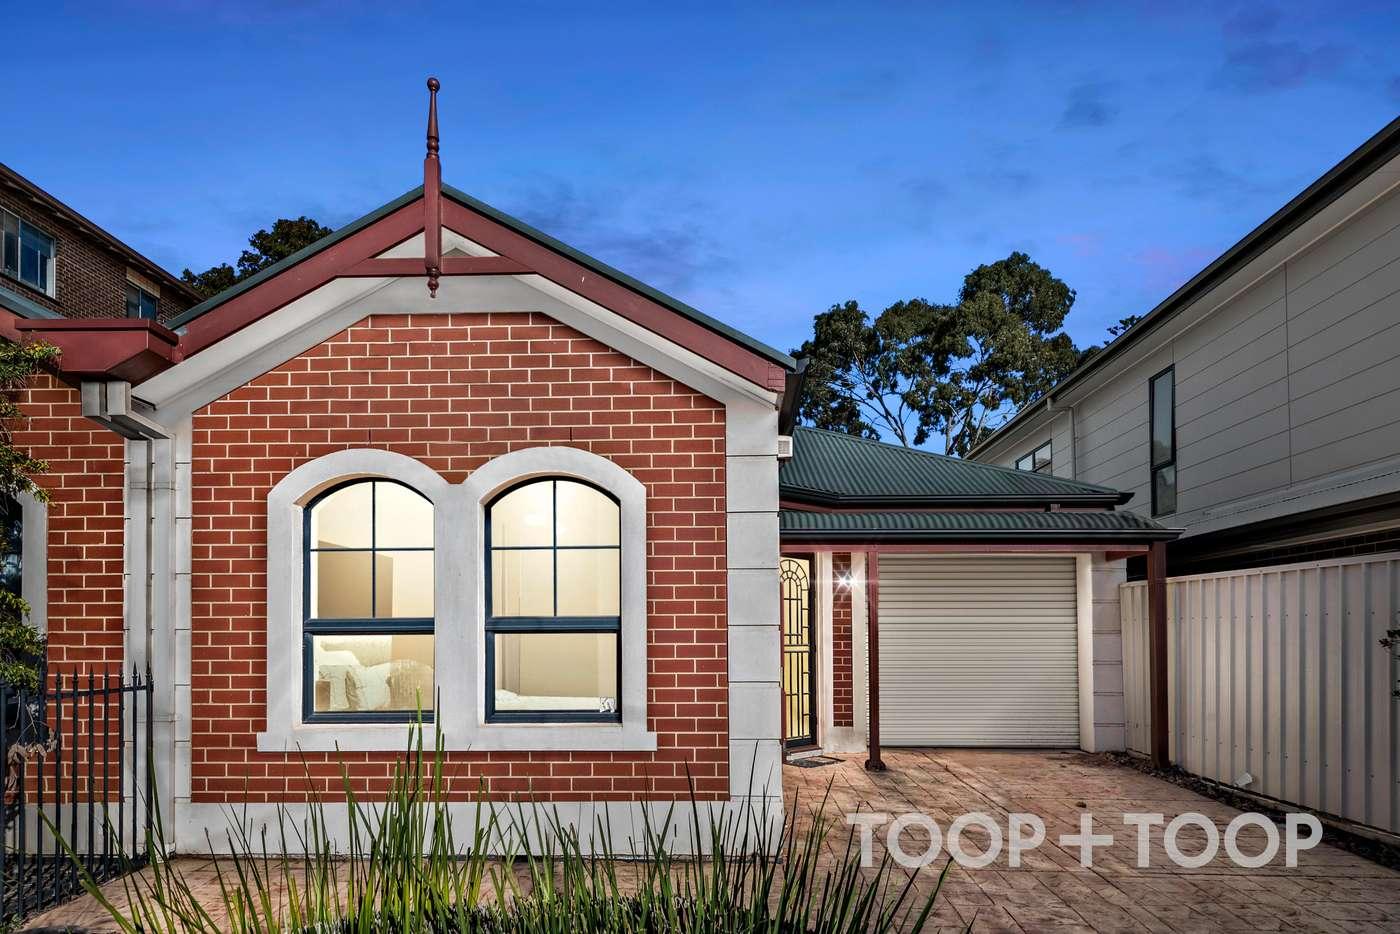 Main view of Homely house listing, 26 Chatham Road, Keswick SA 5035